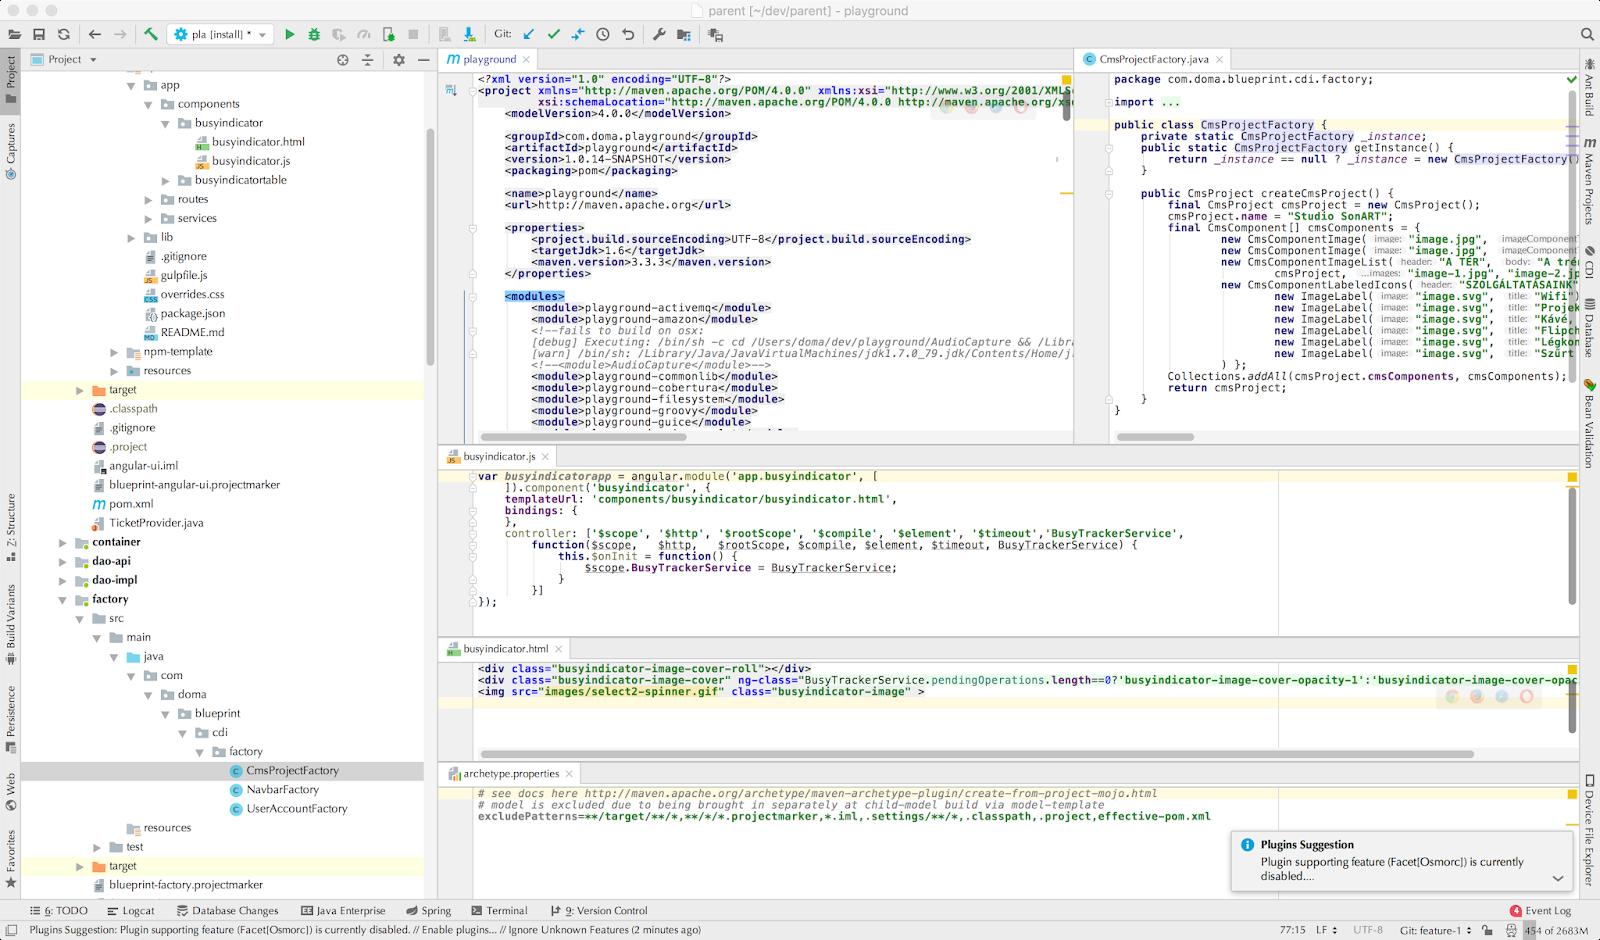 doma: Subpixel anti-aliasing fonts of RHEL75: running IntelliJ IDEA